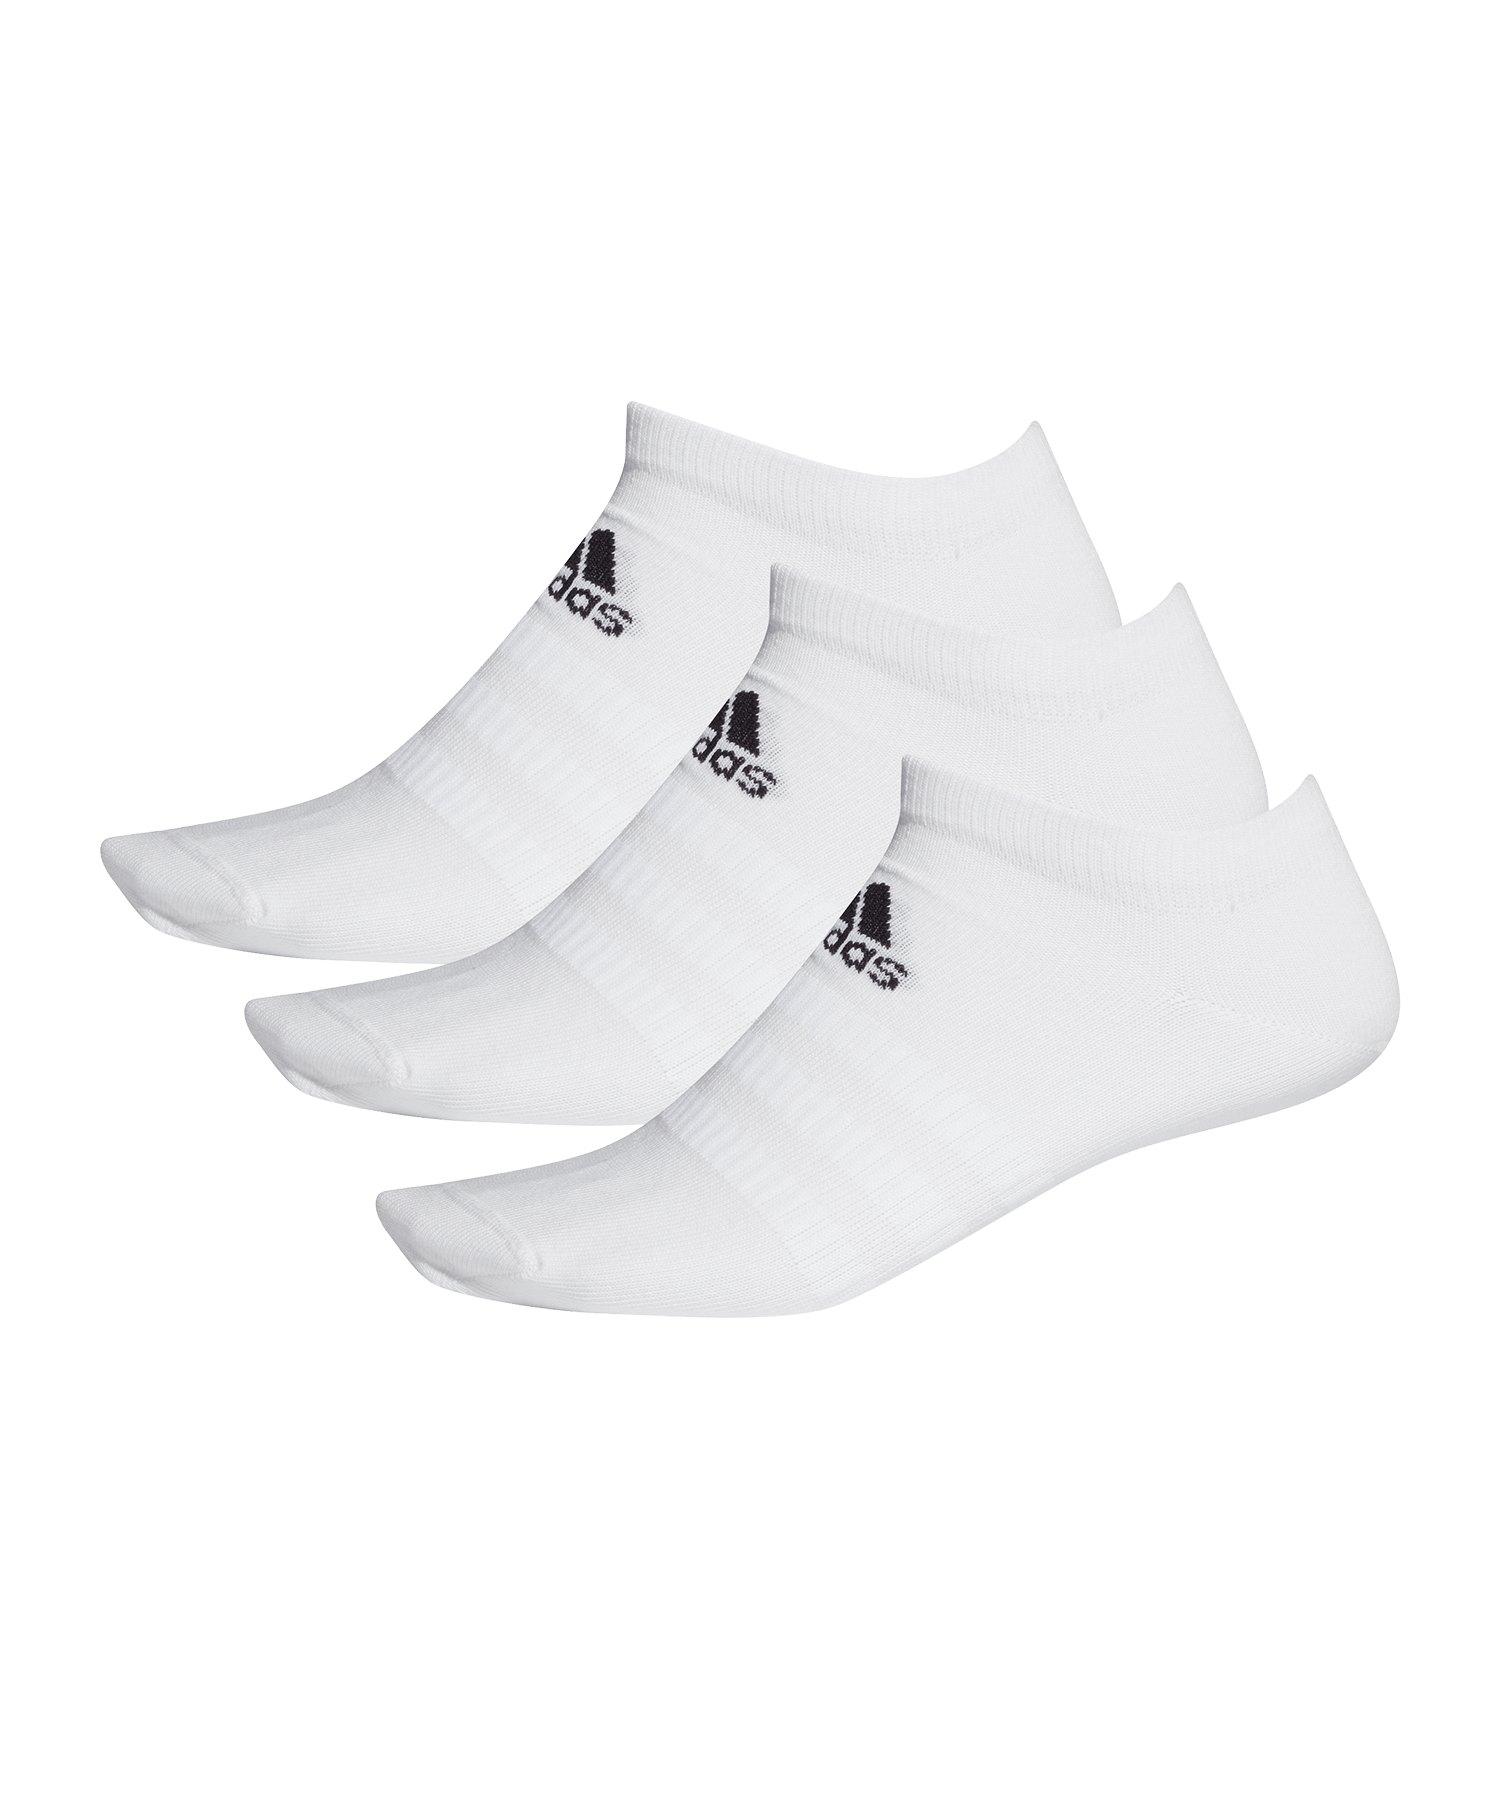 adidas Light Low Socken 3er Pack Weiss - weiss